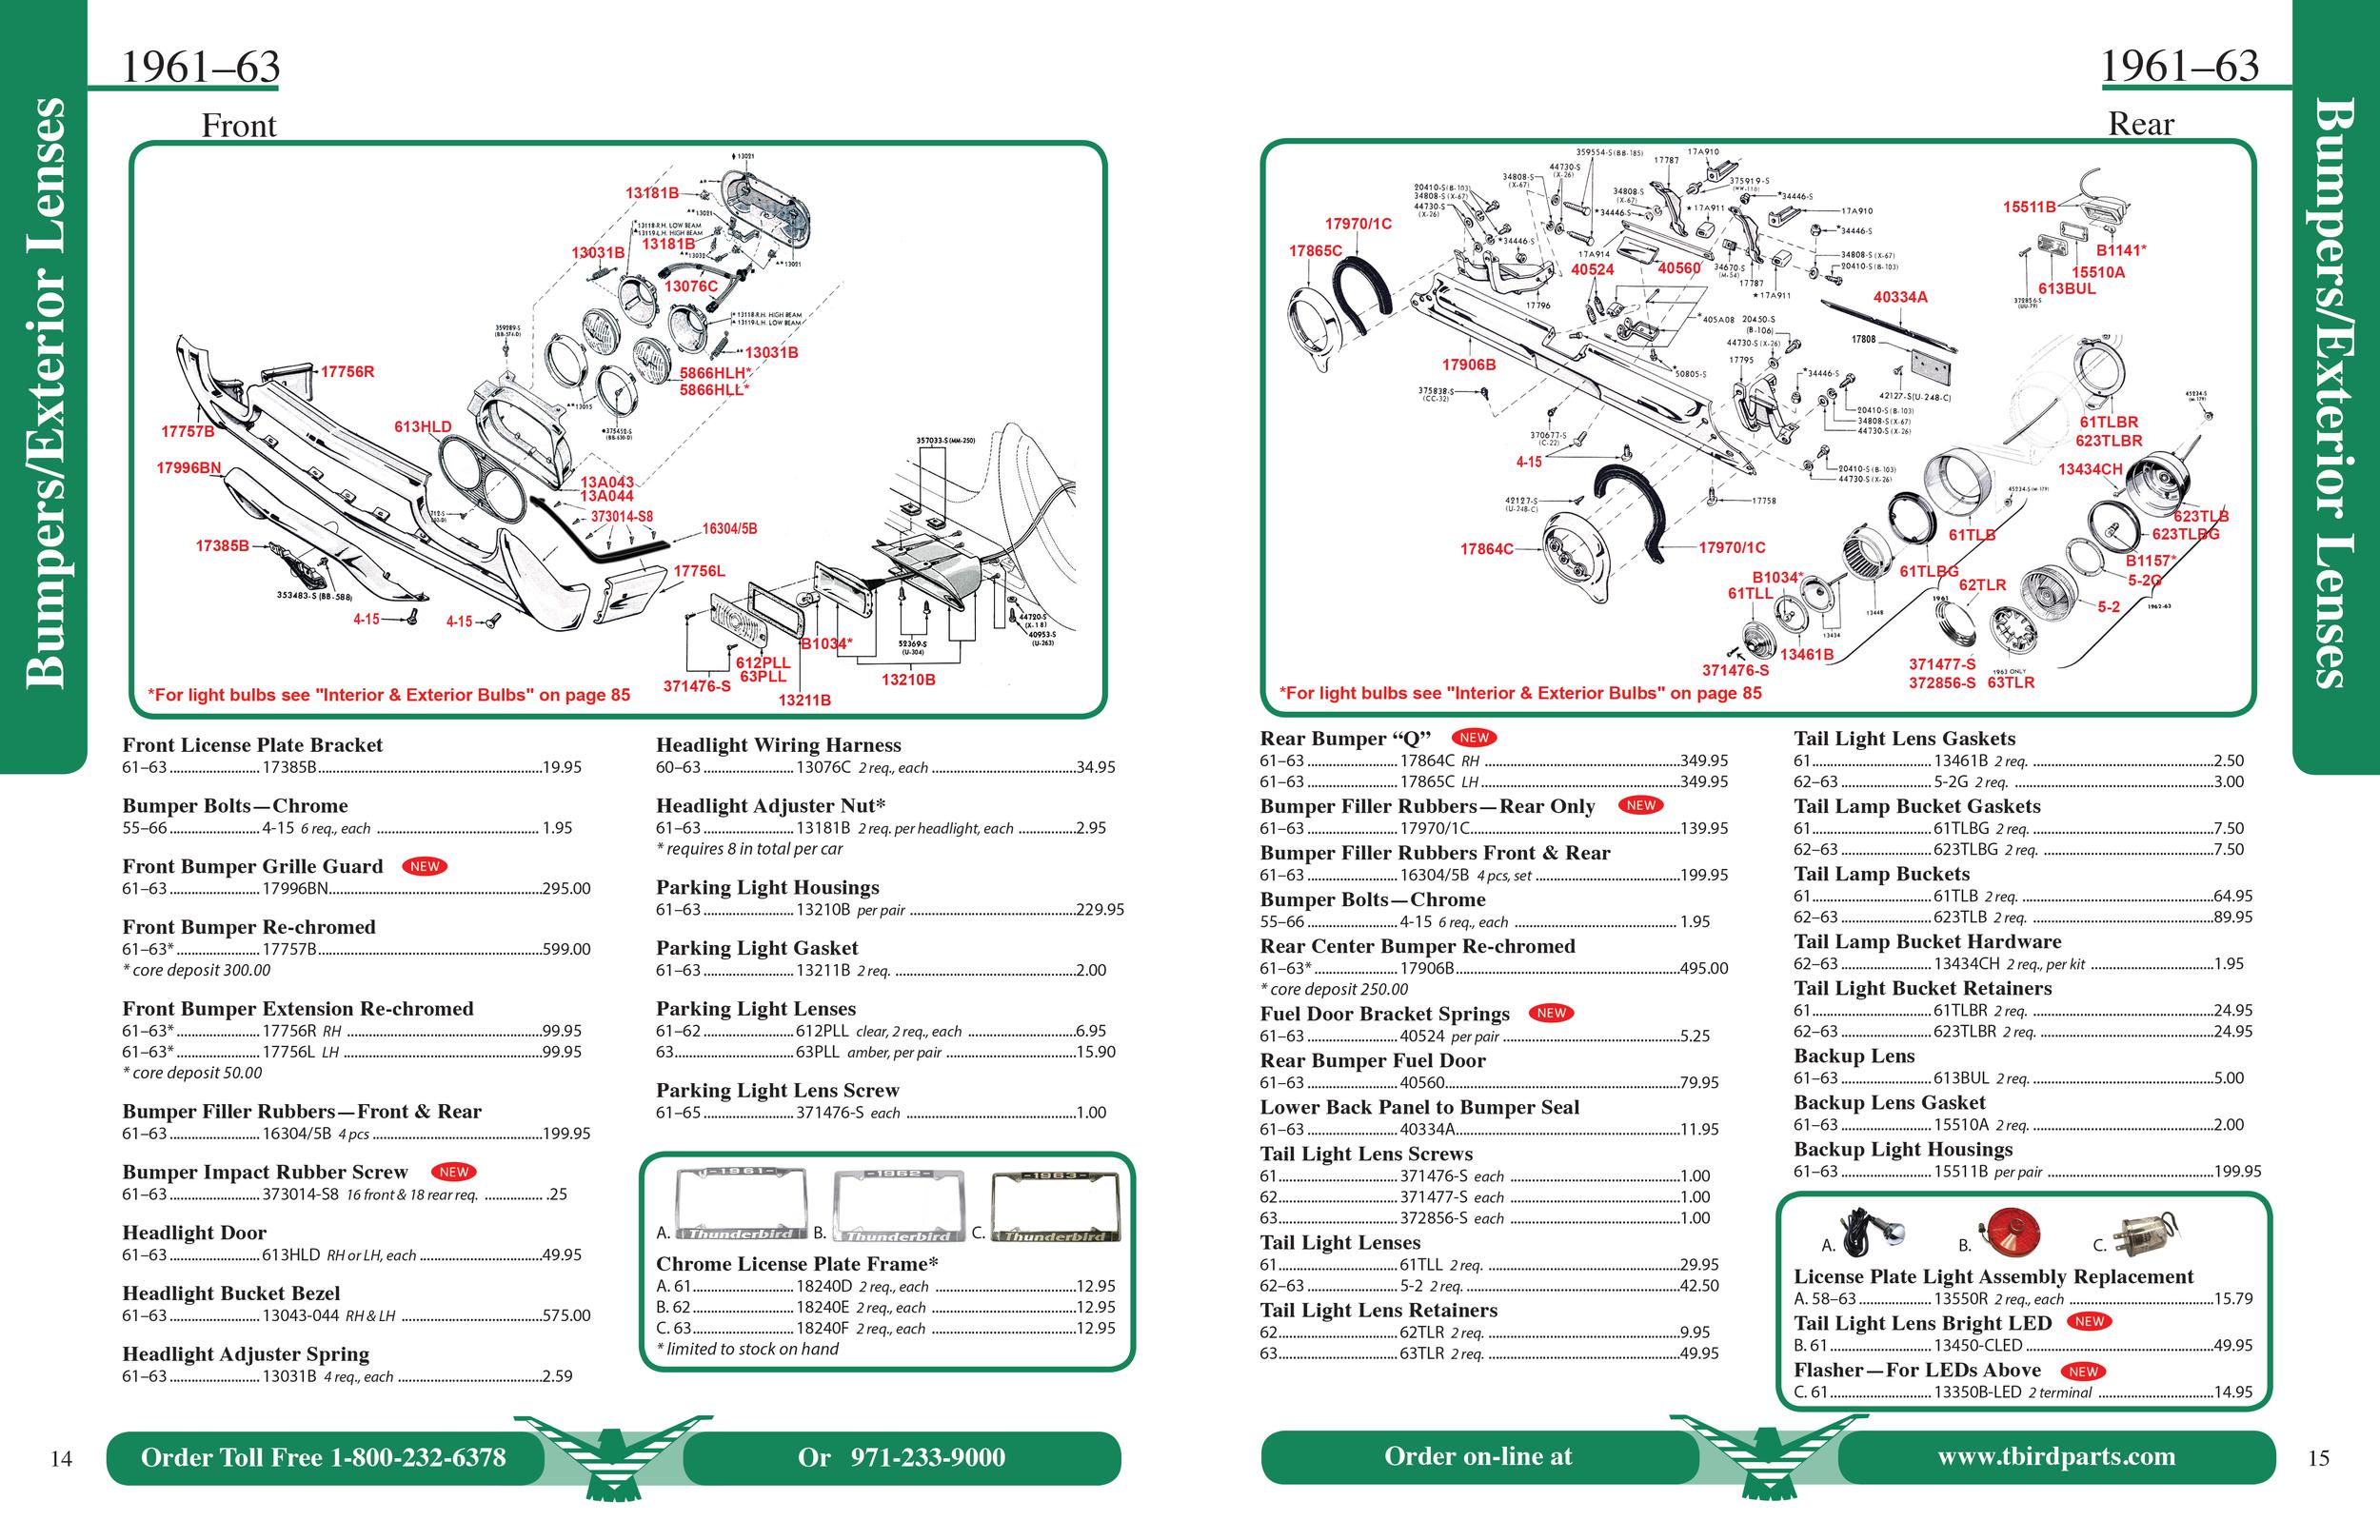 Bird Nest Catalog Inside 7.jpg